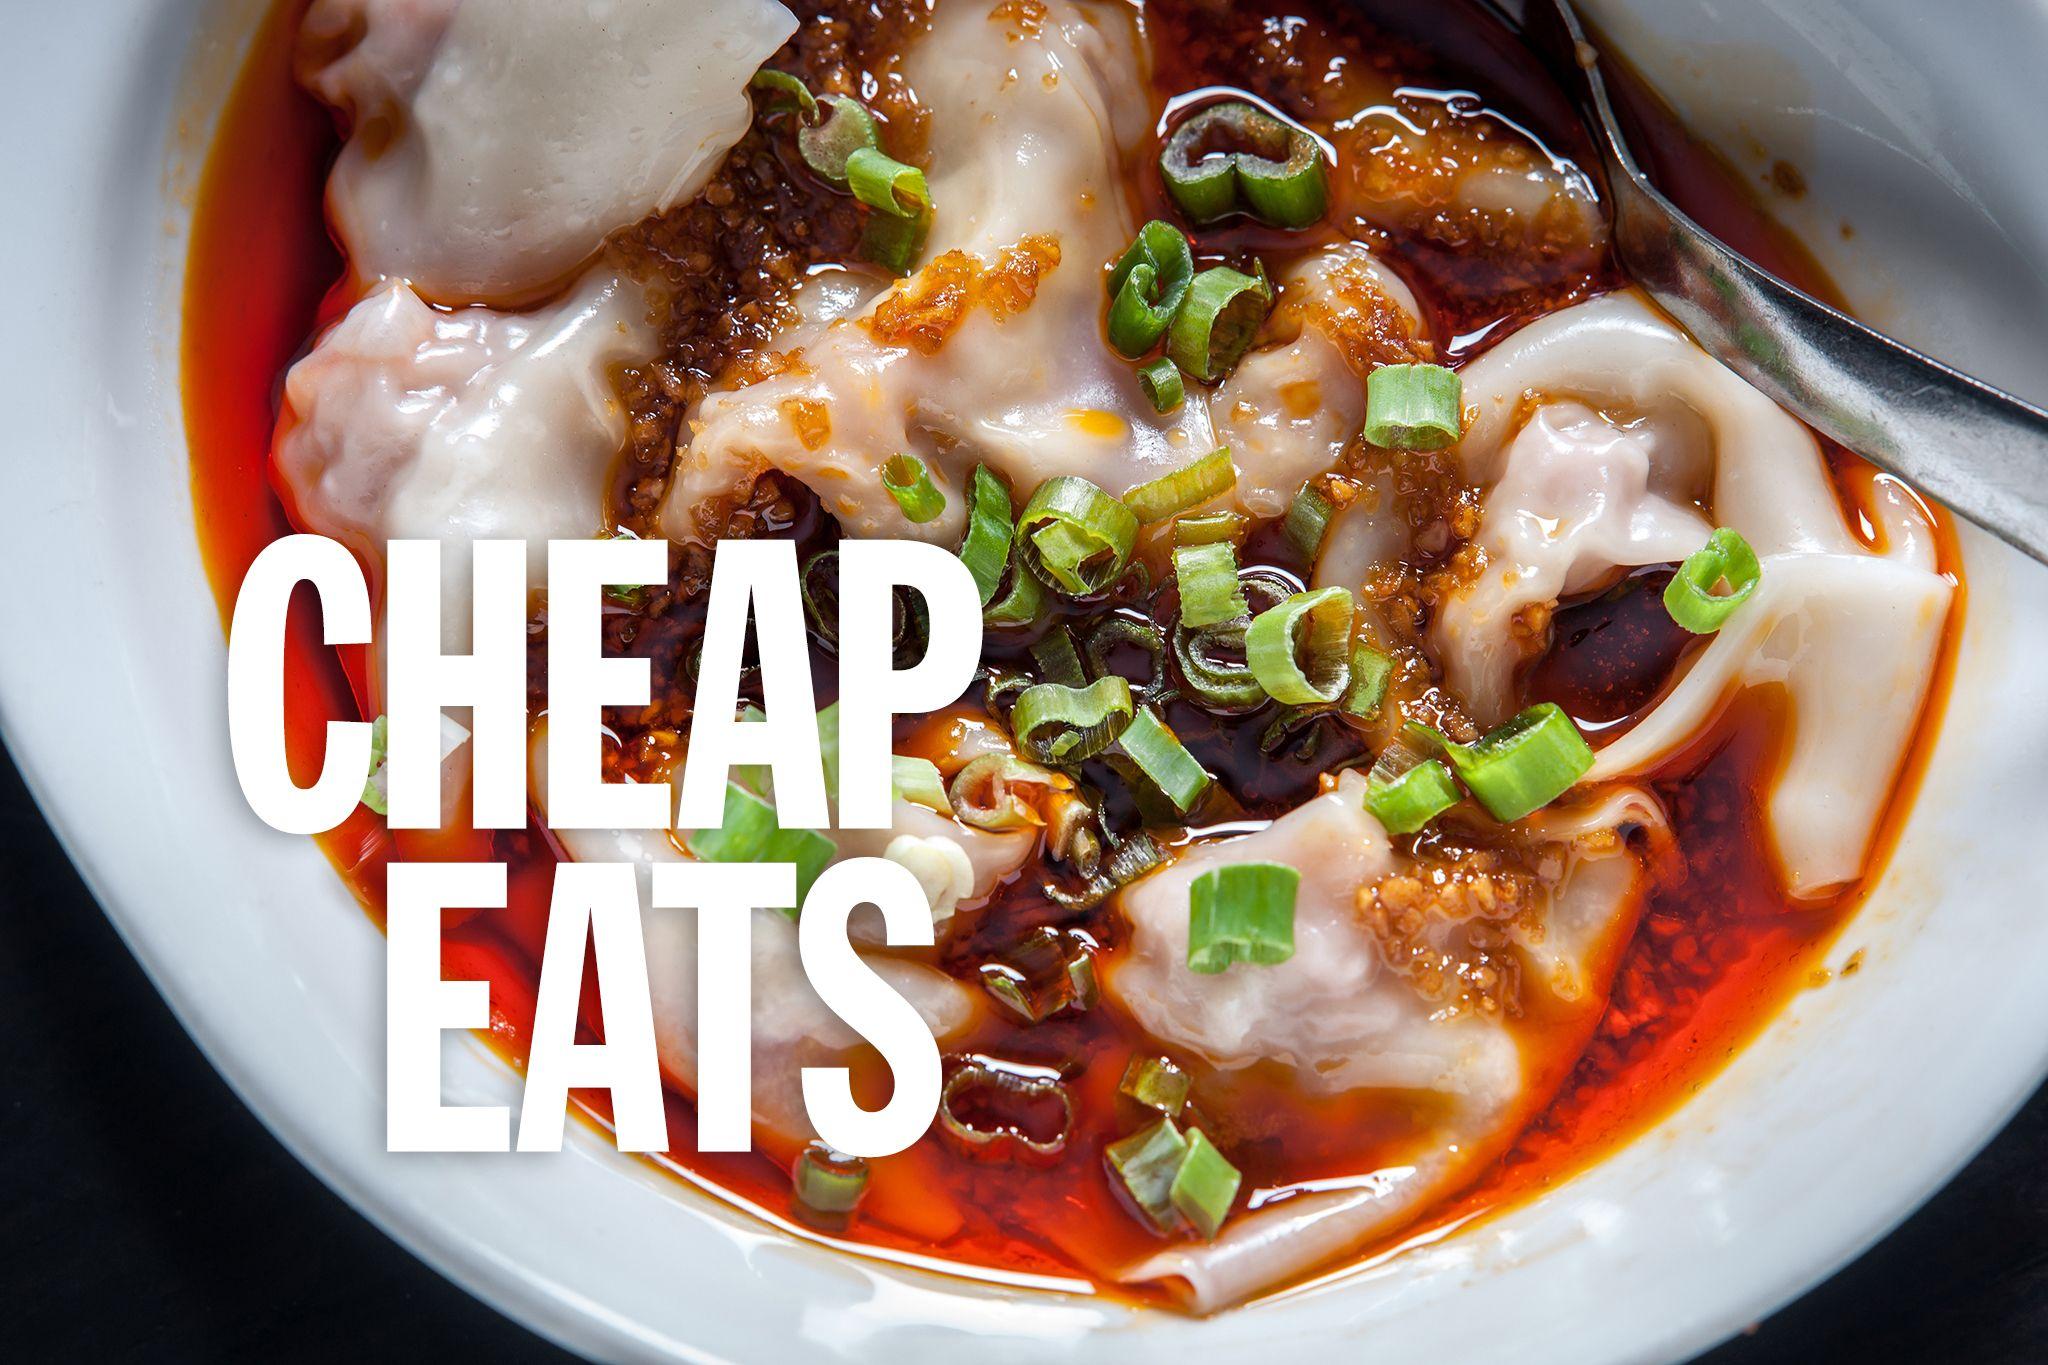 The Best Cheap Eats In Nyc Cheap Eats Ny Food Cheap Eats Nyc